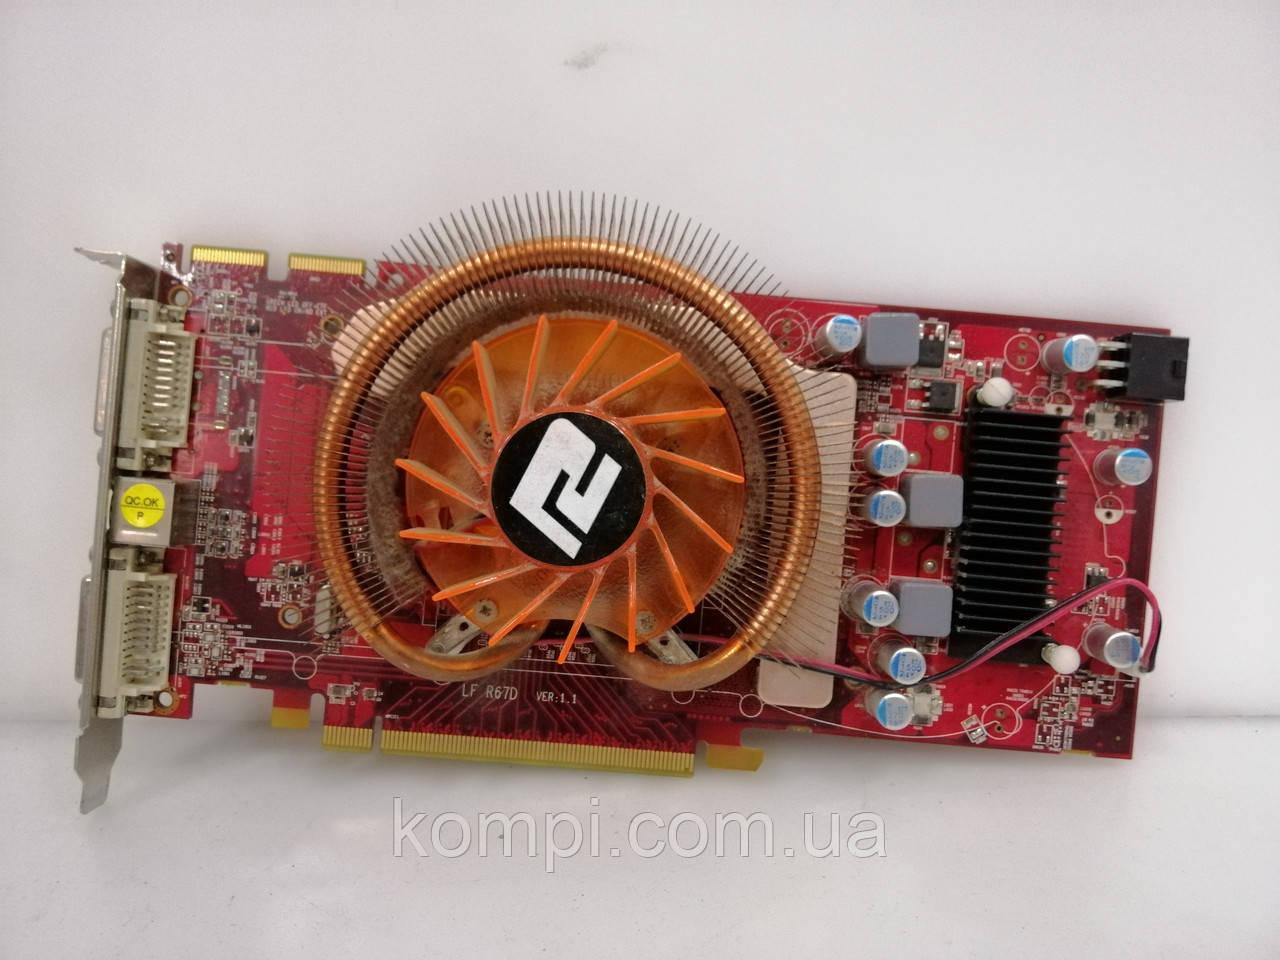 Видеокарта ATI HD 3870 512mb 256bit PCI-E